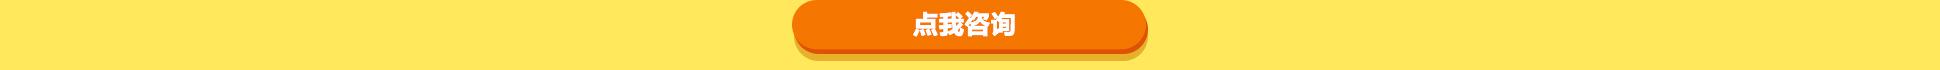 4月精选面授班火热招生2_03.jpg